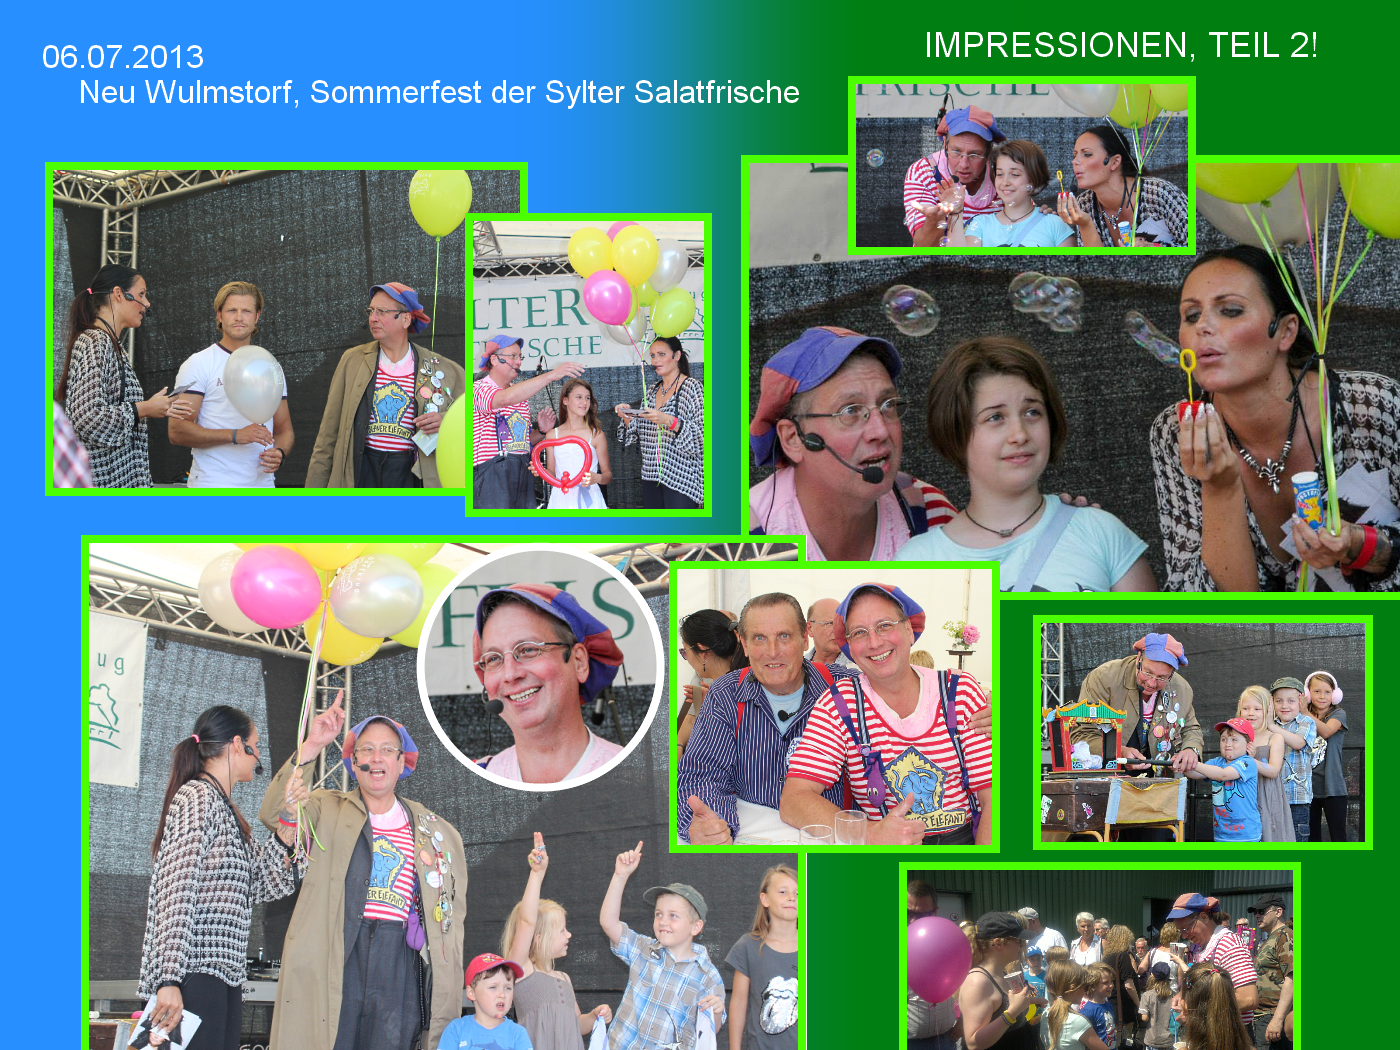 Sommerfest der Sylter Salatfrische 2